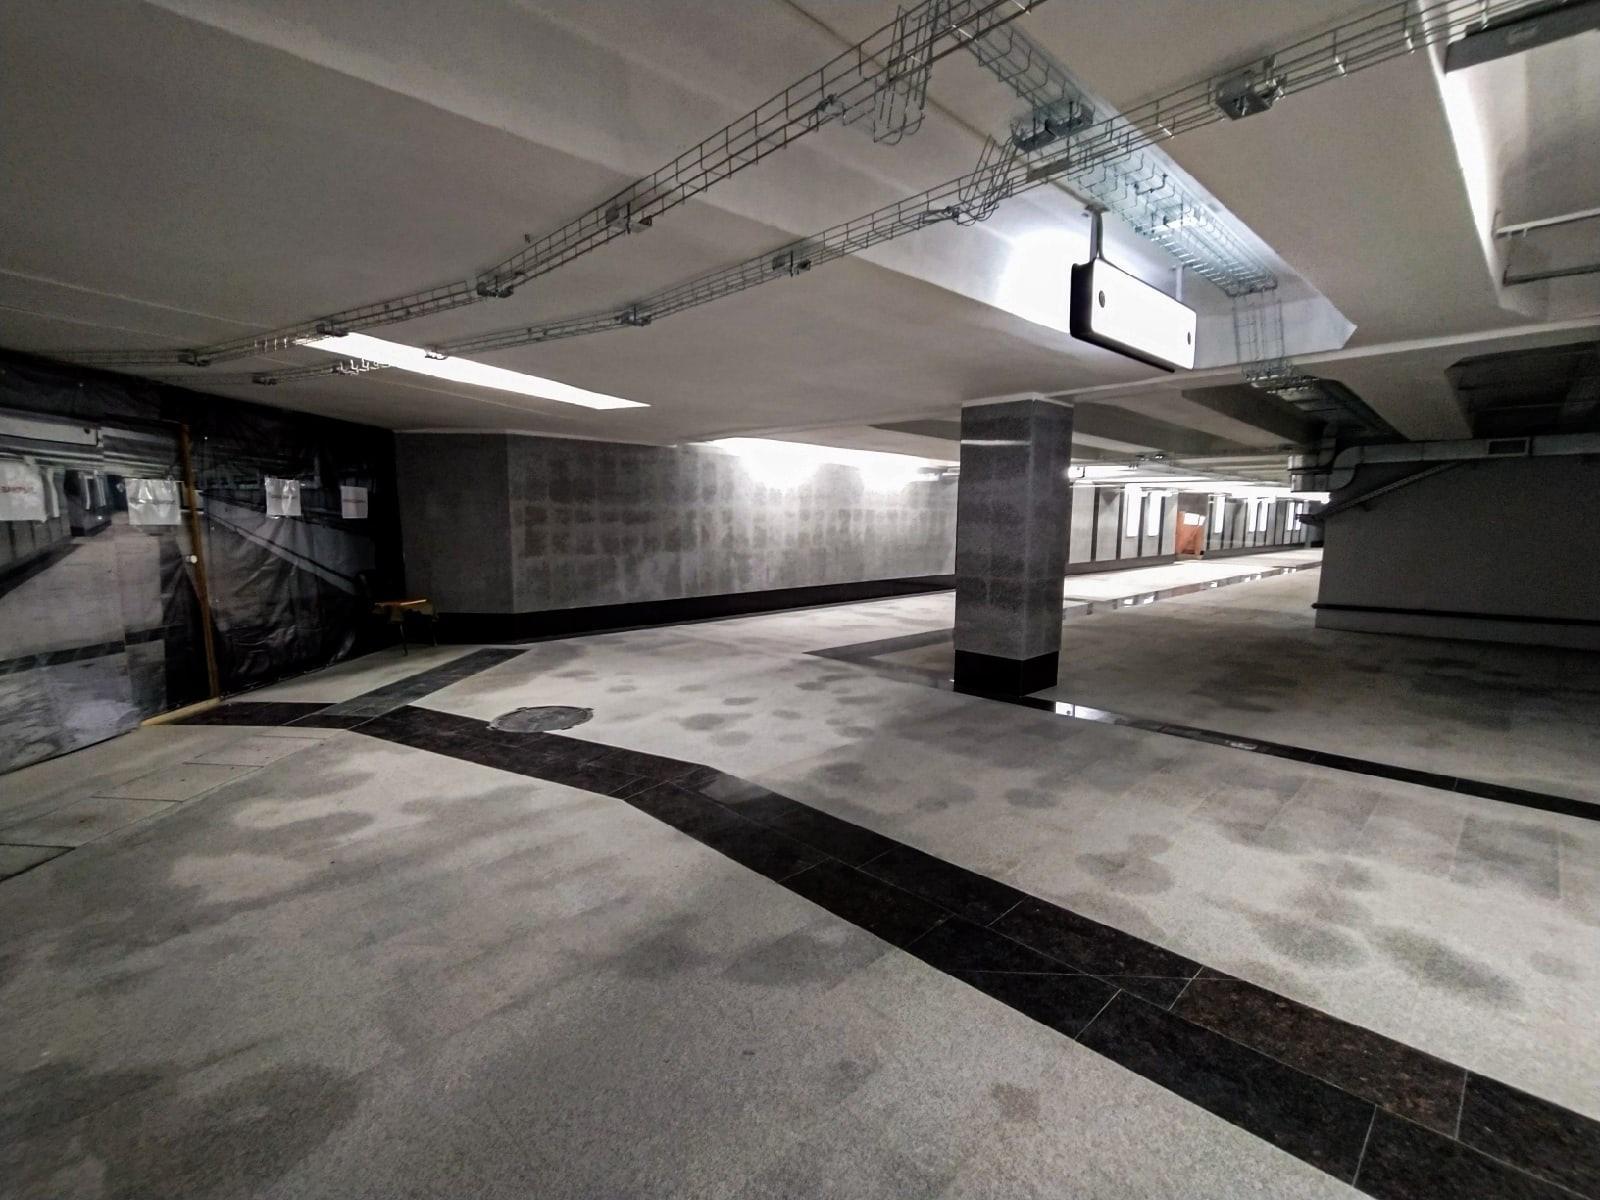 фото Подземный переход открыли на Красном проспекте в Новосибирске: 9 фото после реконструкции 5